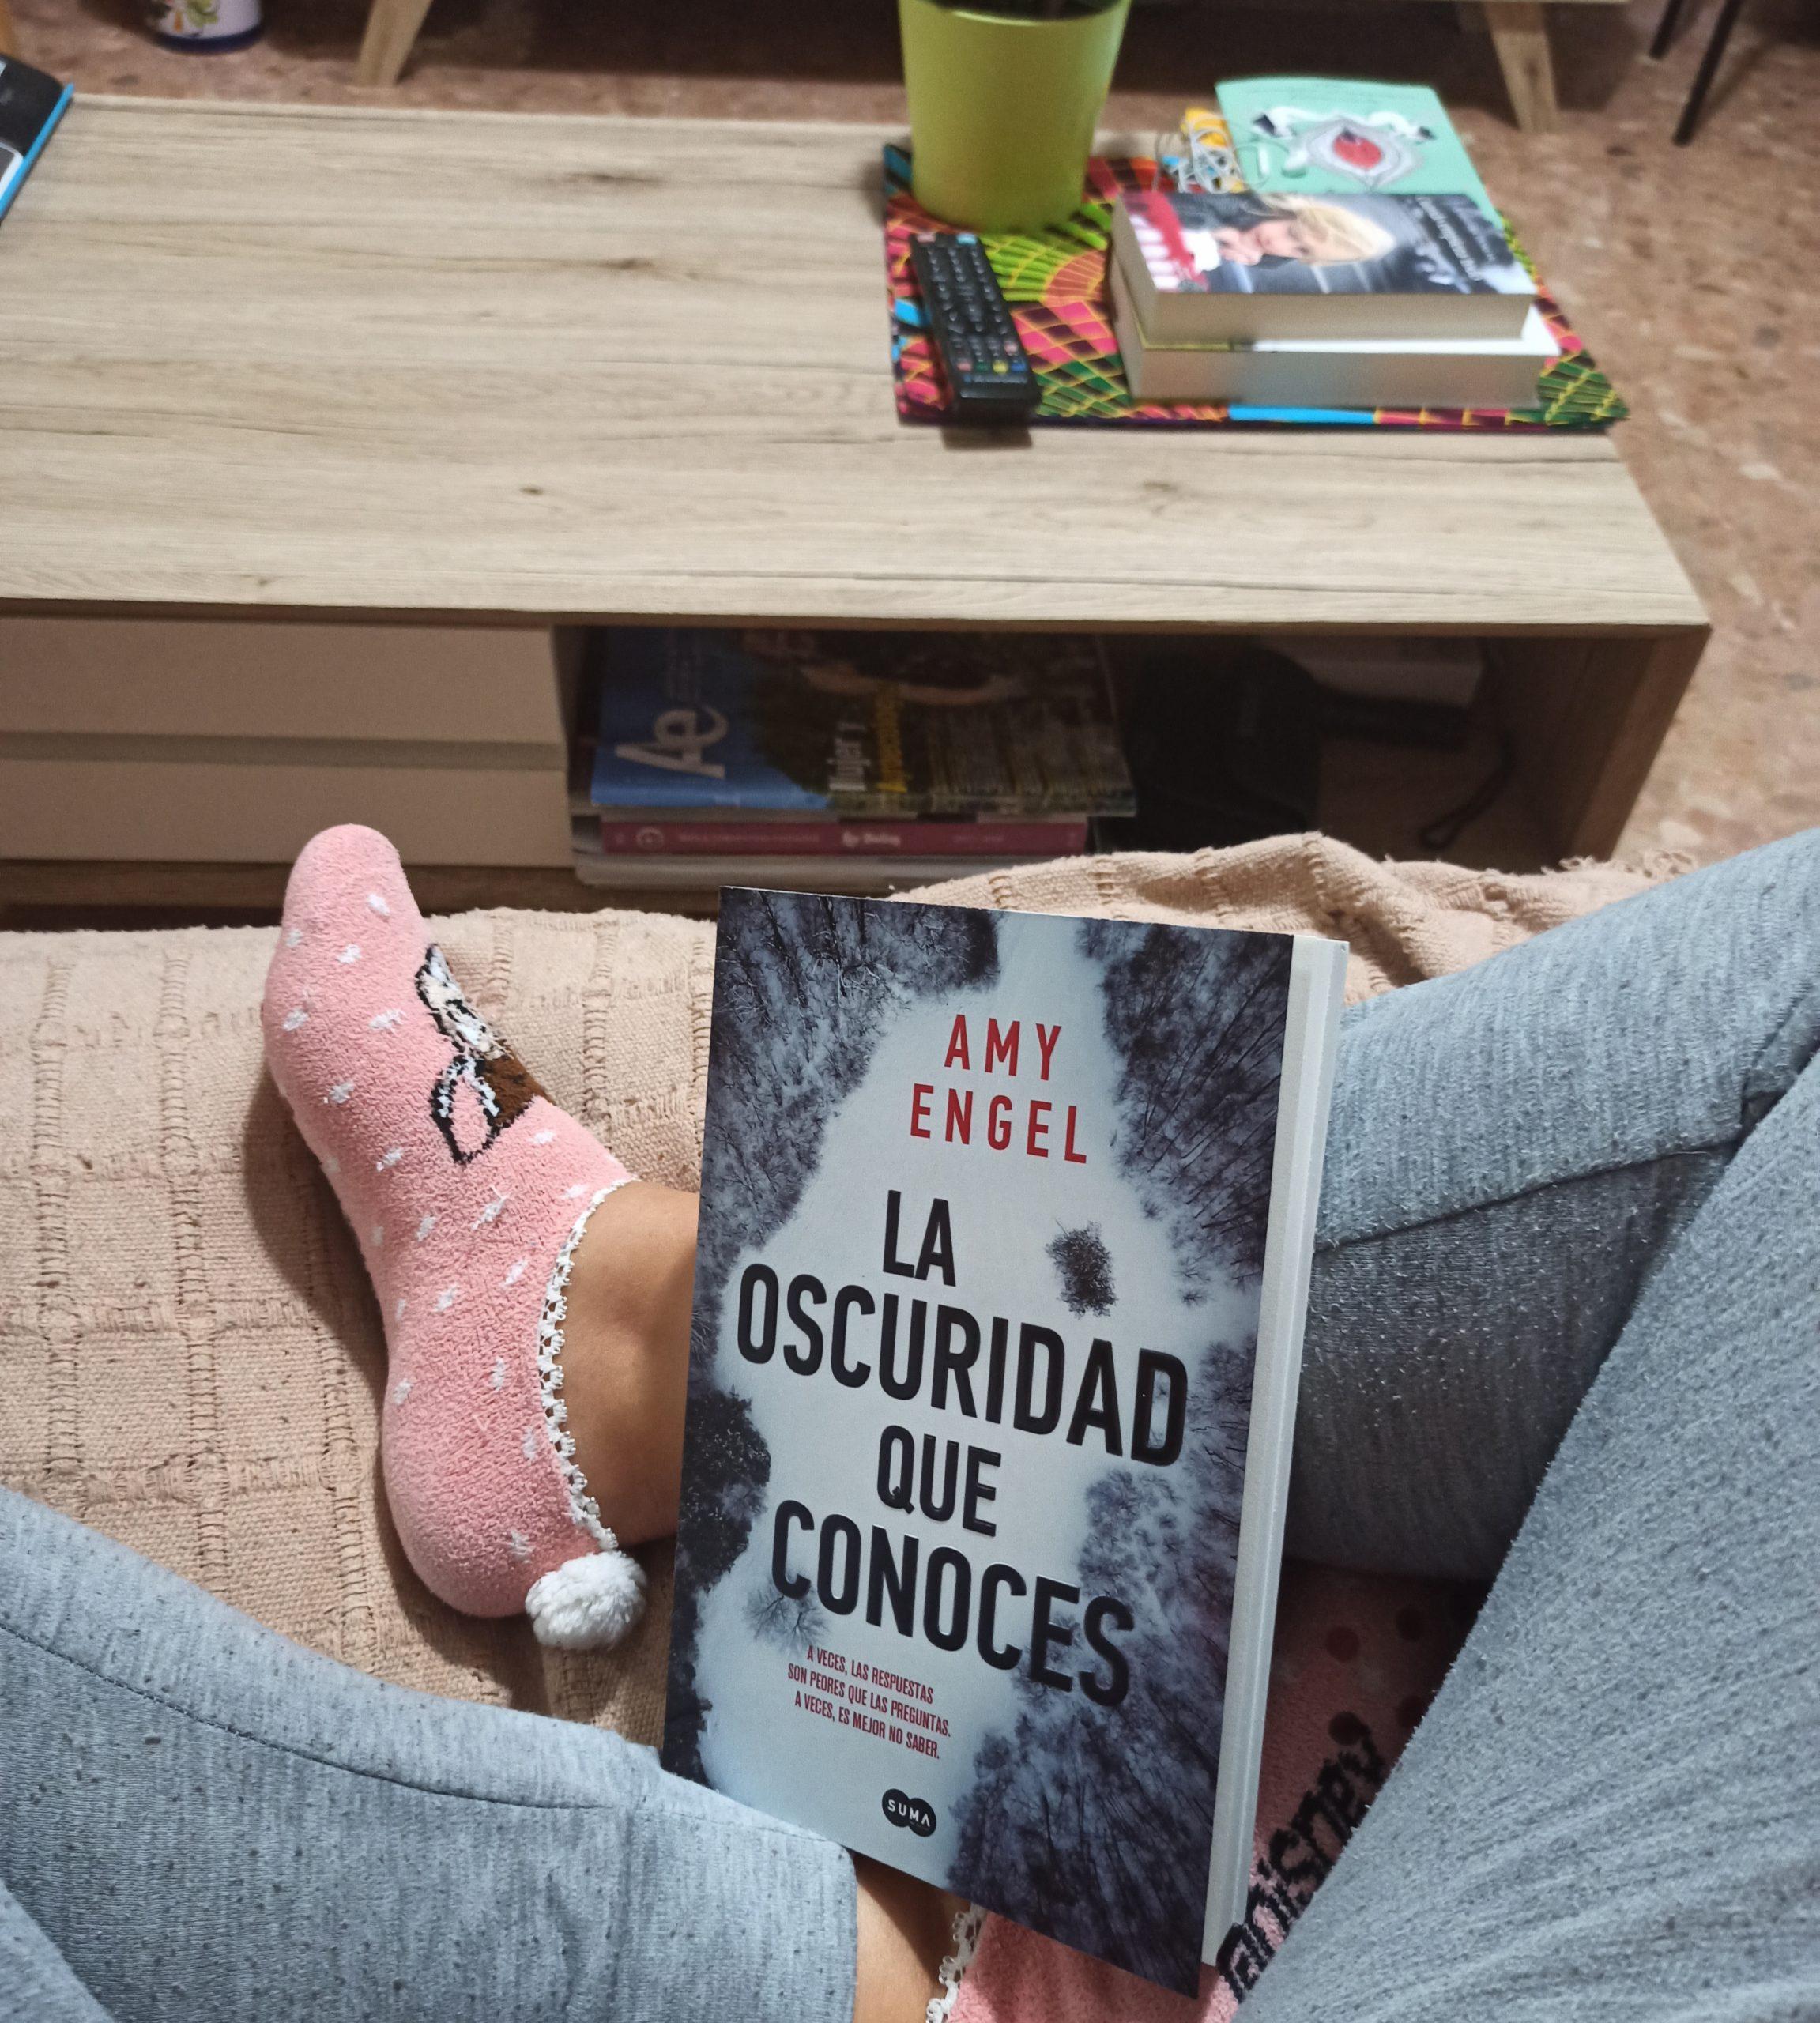 LA OSCURIDAD QUE CONOCES, de Amy Engel.